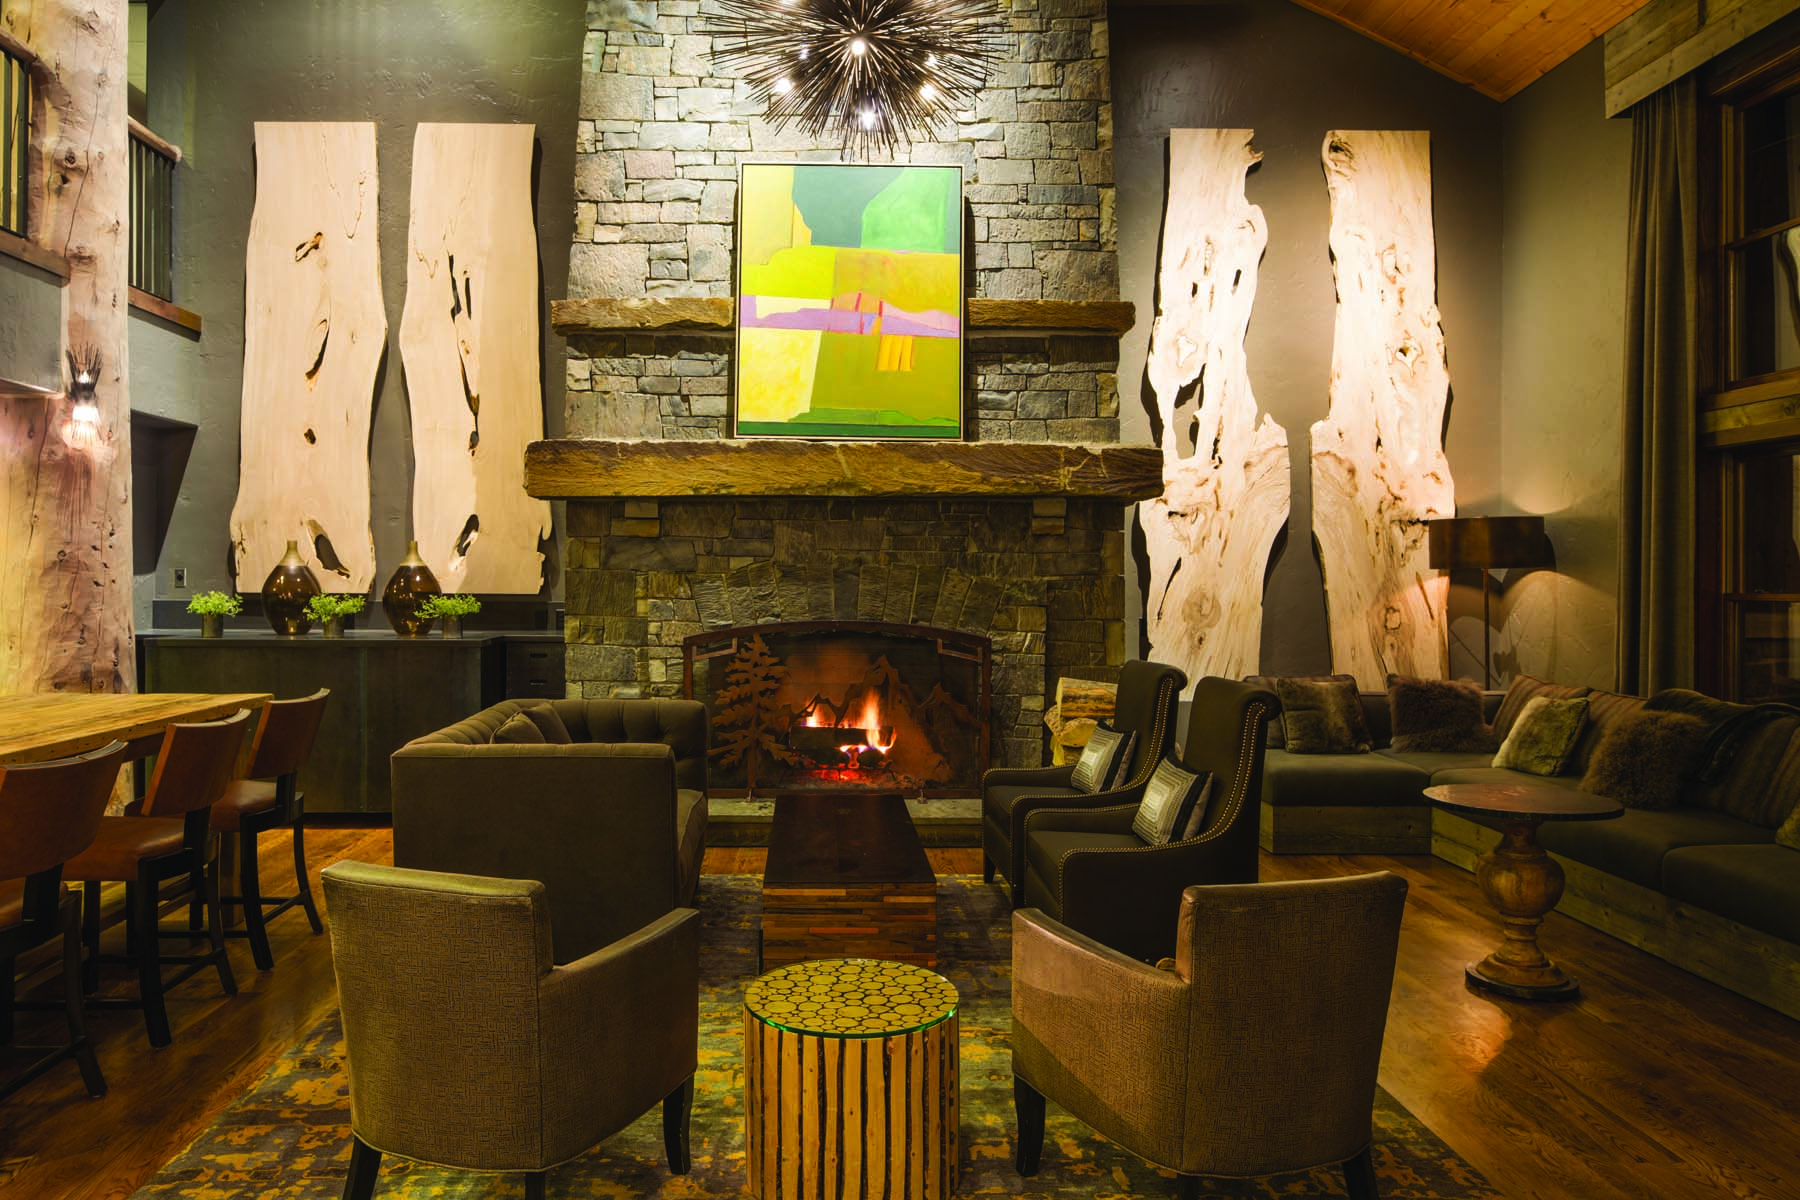 Condomínio para Venda às 3 Bedroom in the Spa Addition of TML 3385 W Cody Ln #245 Teton Village, Wyoming 83025 Estados Unidos